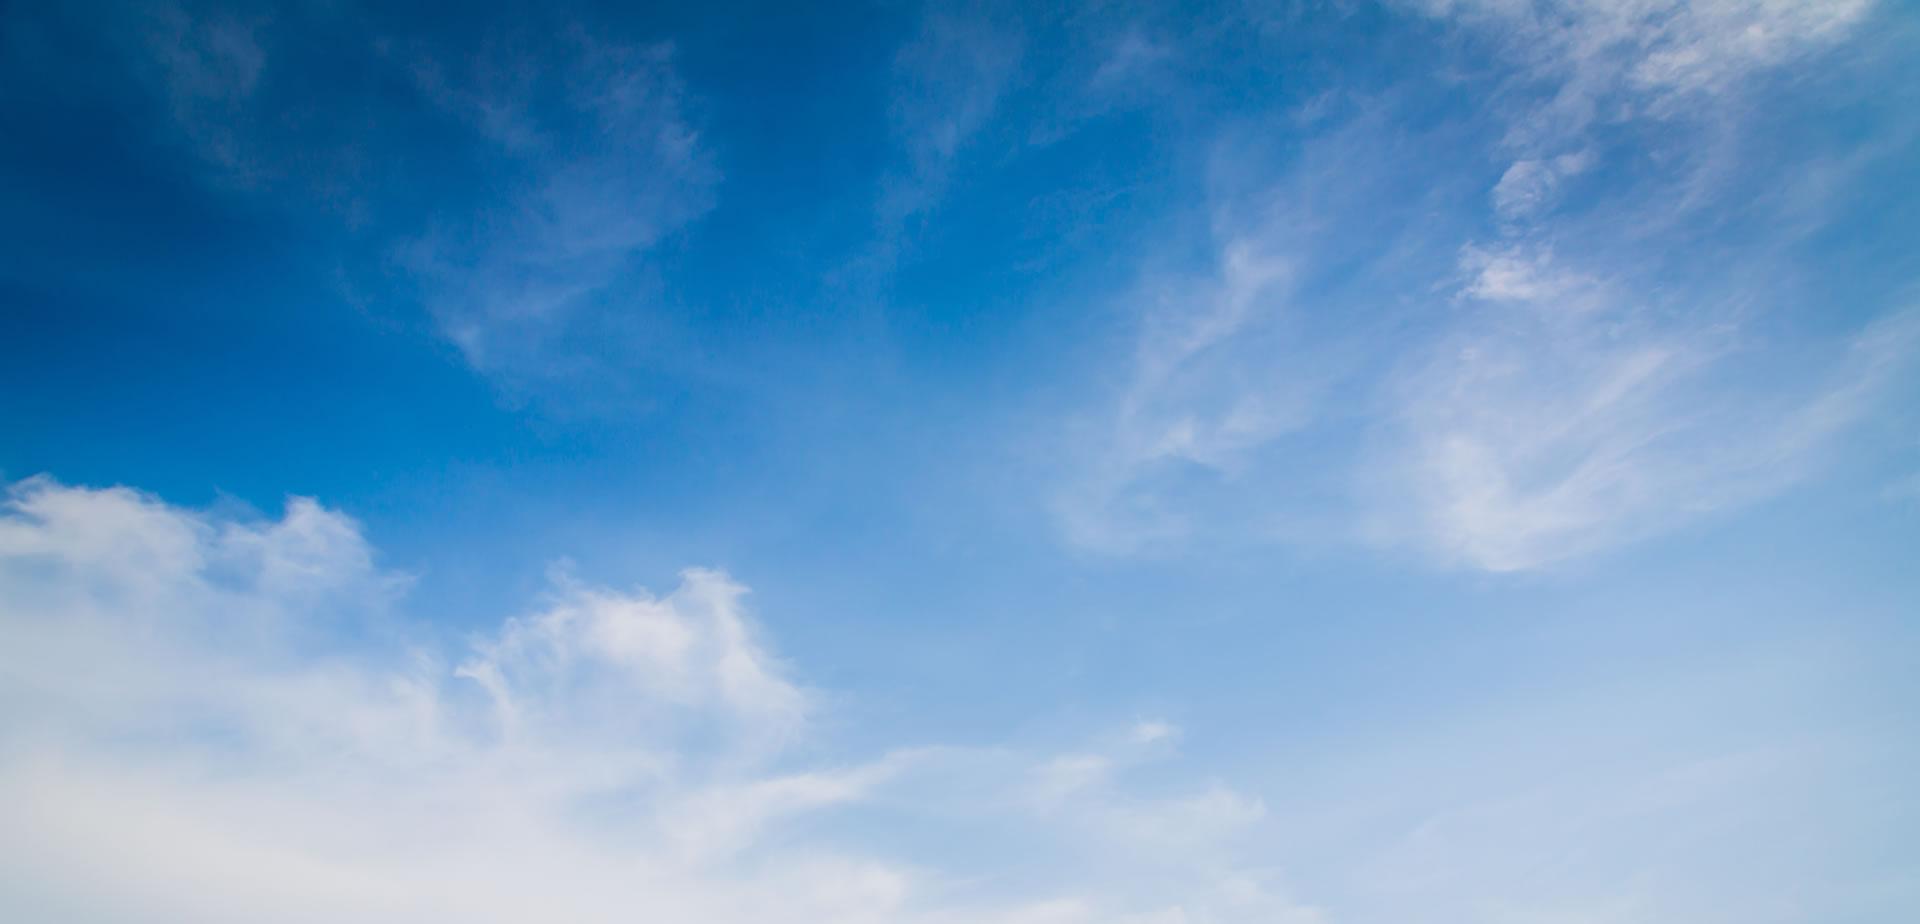 ΕΠΙΣΚΕΨΗ ΟΜΙΛΟΥ ΔΕΛΤΑ ΣΤΗΝ ΧΗΤΟΣ ΑΒΕΕ (ΖΑΓΟΡΙ)